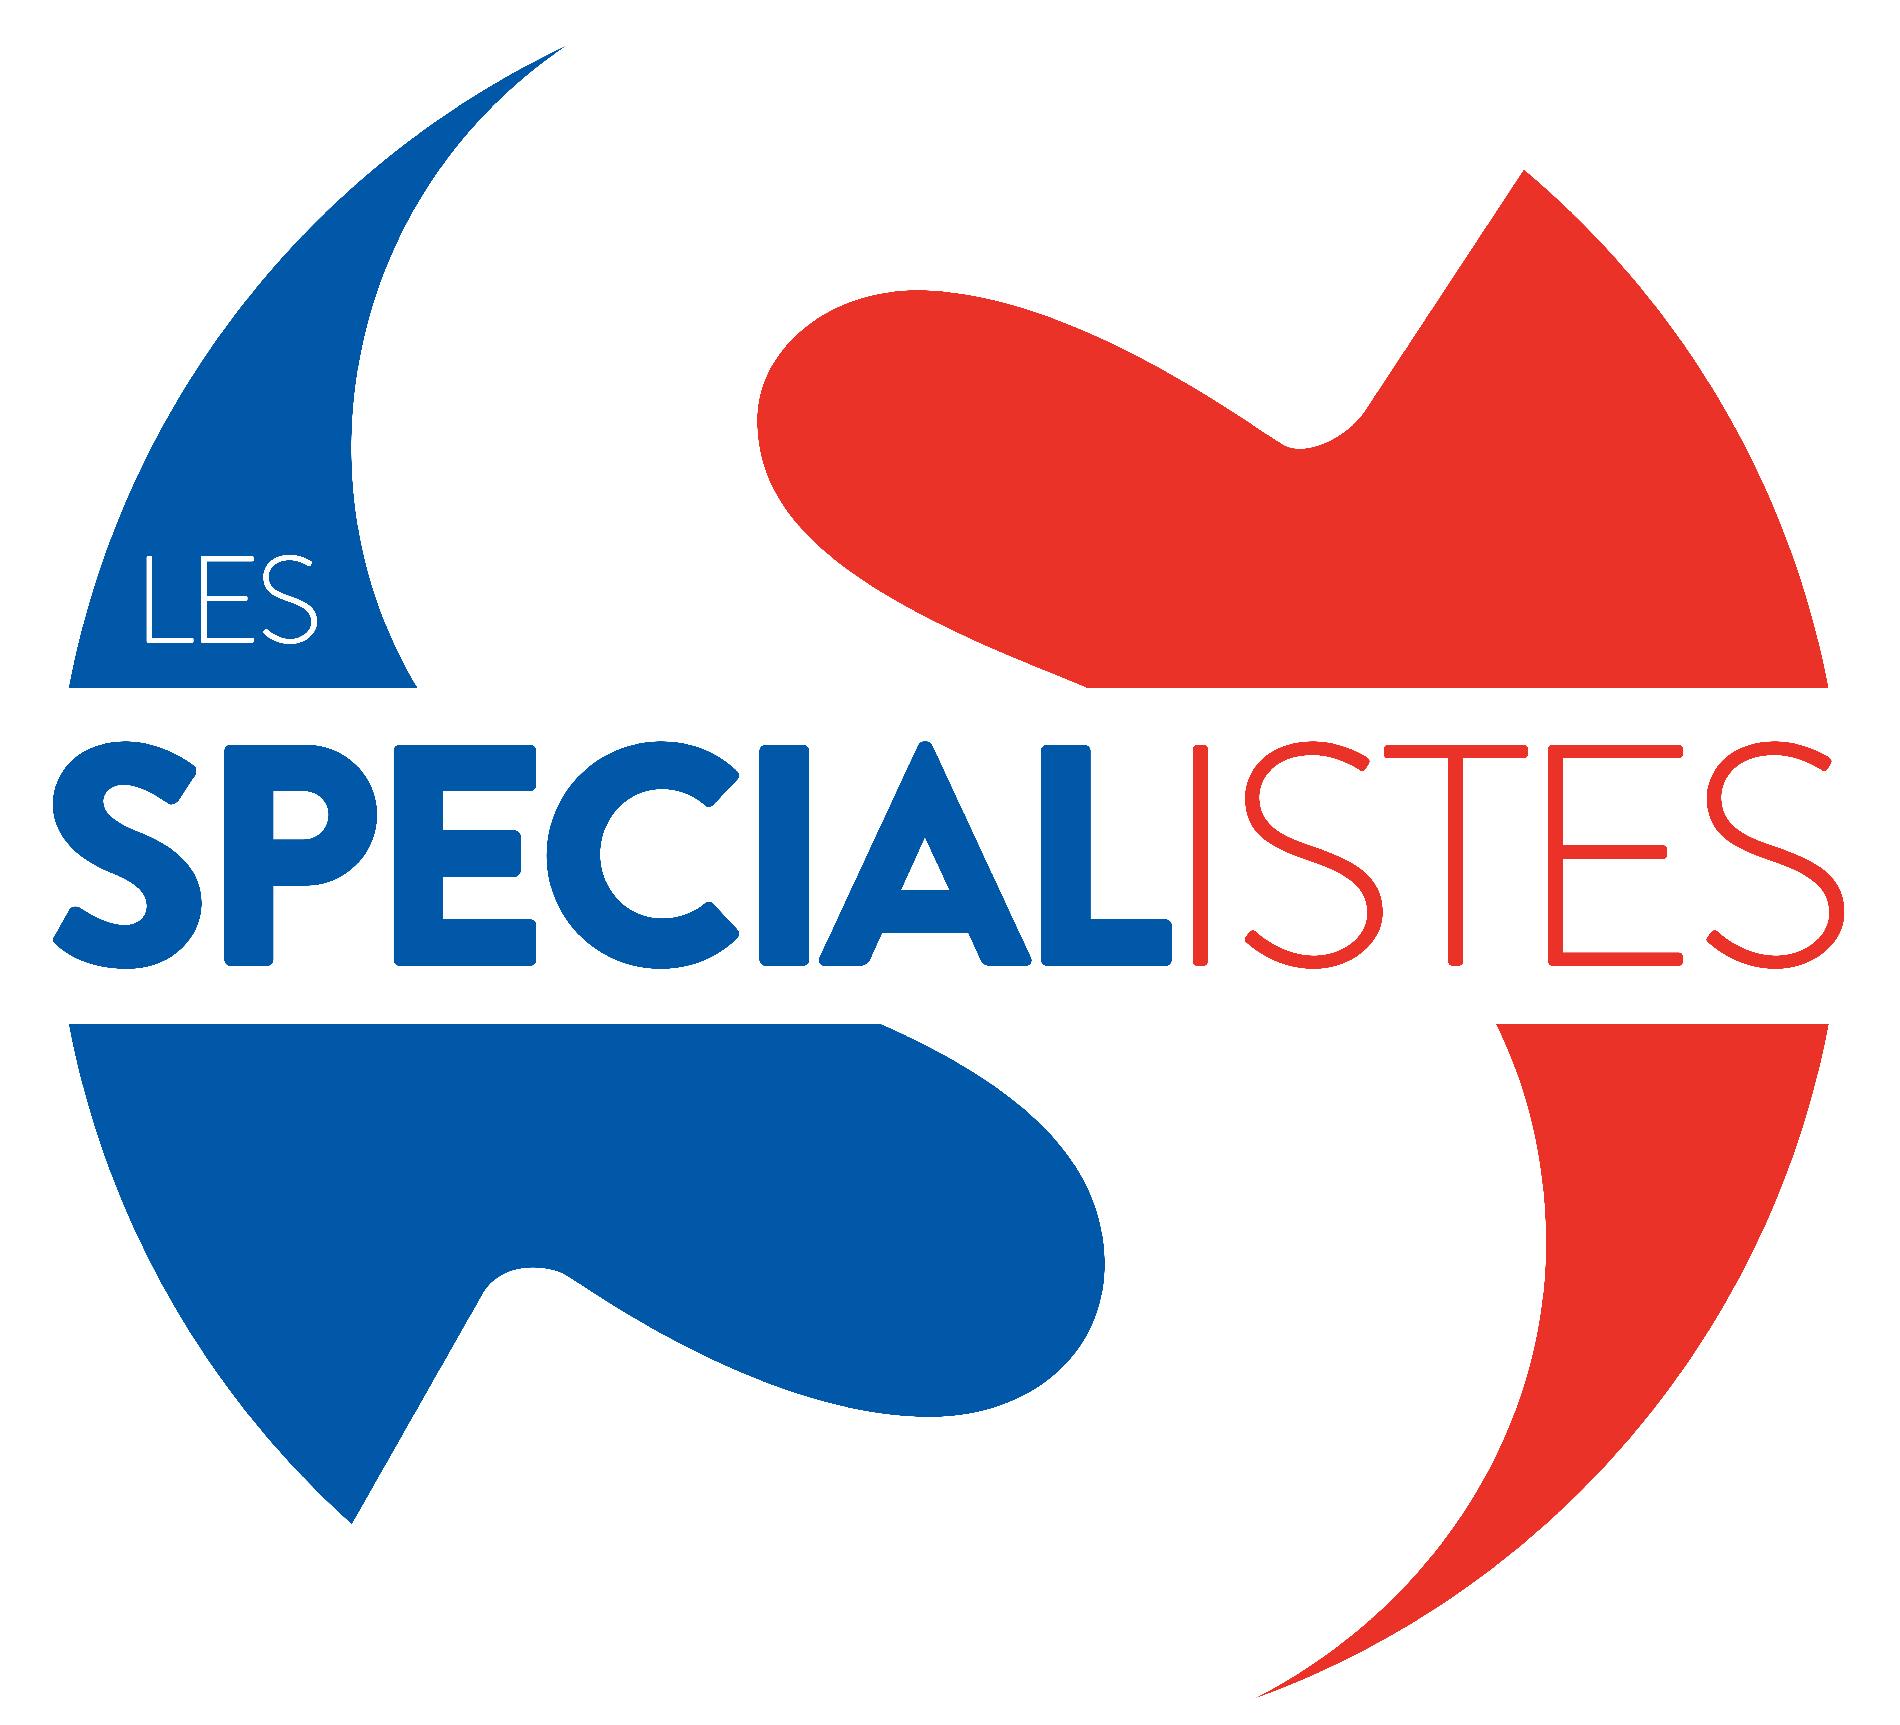 les-spécialistes-logo